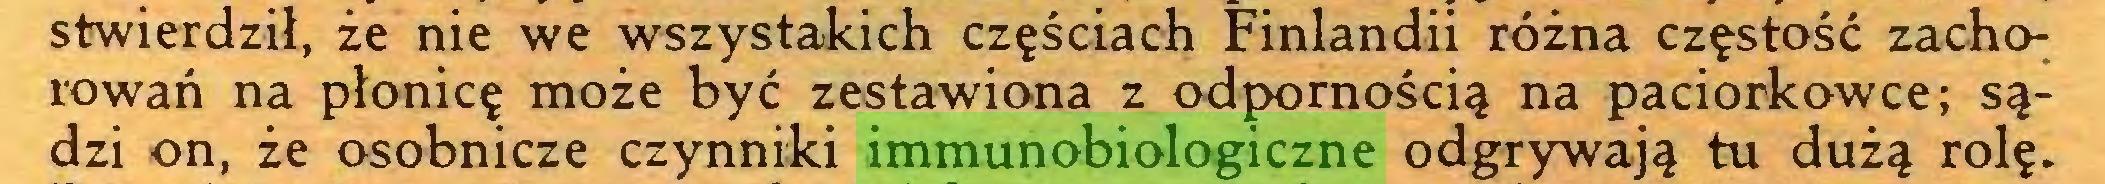 (...) stwierdził, że nie we wszystakich częściach Finlandii różna częstość zachorowań na płonicę może być zestawiona z odpornością na paciorkowce; sądzi on, że osobnicze czynniki immunobiologiczne odgrywają tu dużą rolę...